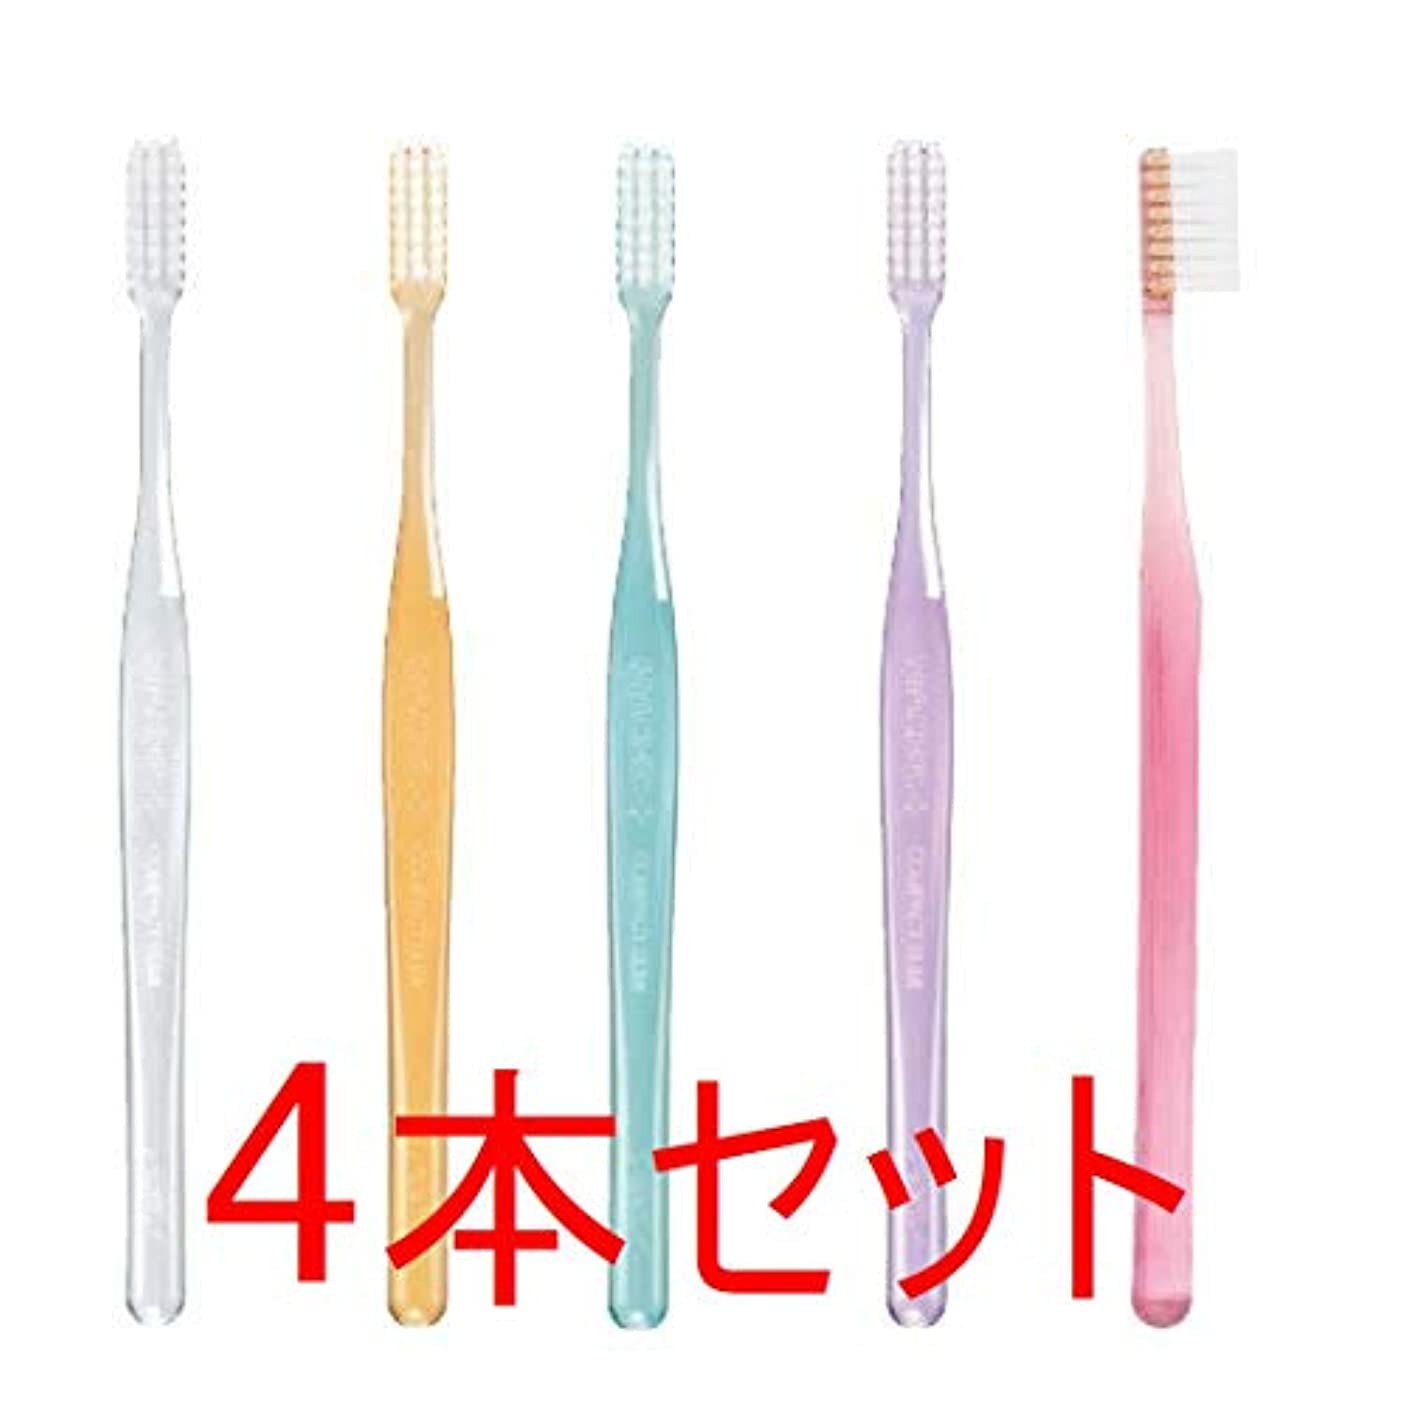 規定楽しませるエジプトGC プロスペック 歯ブラシ プラス コンパクトスリム 4本 クリアー色 (M(ふつう), おまかせ)